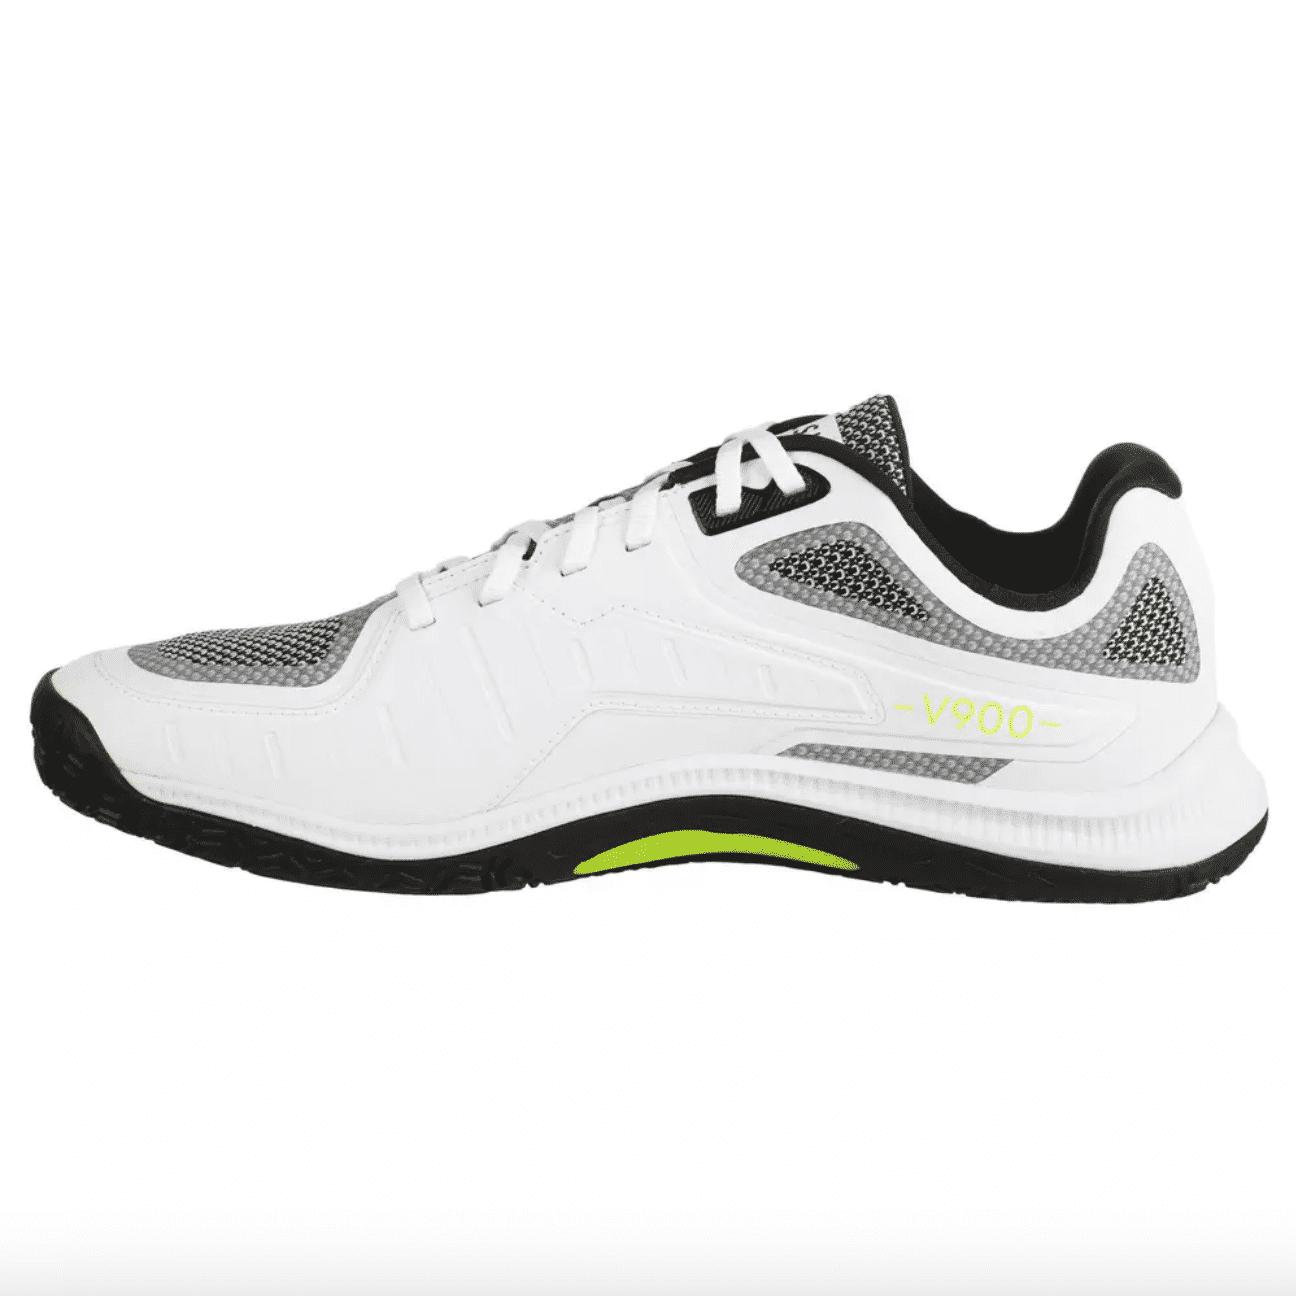 allsix-presente-ses-nouvelles-chaussures-de-volley-vs900-4